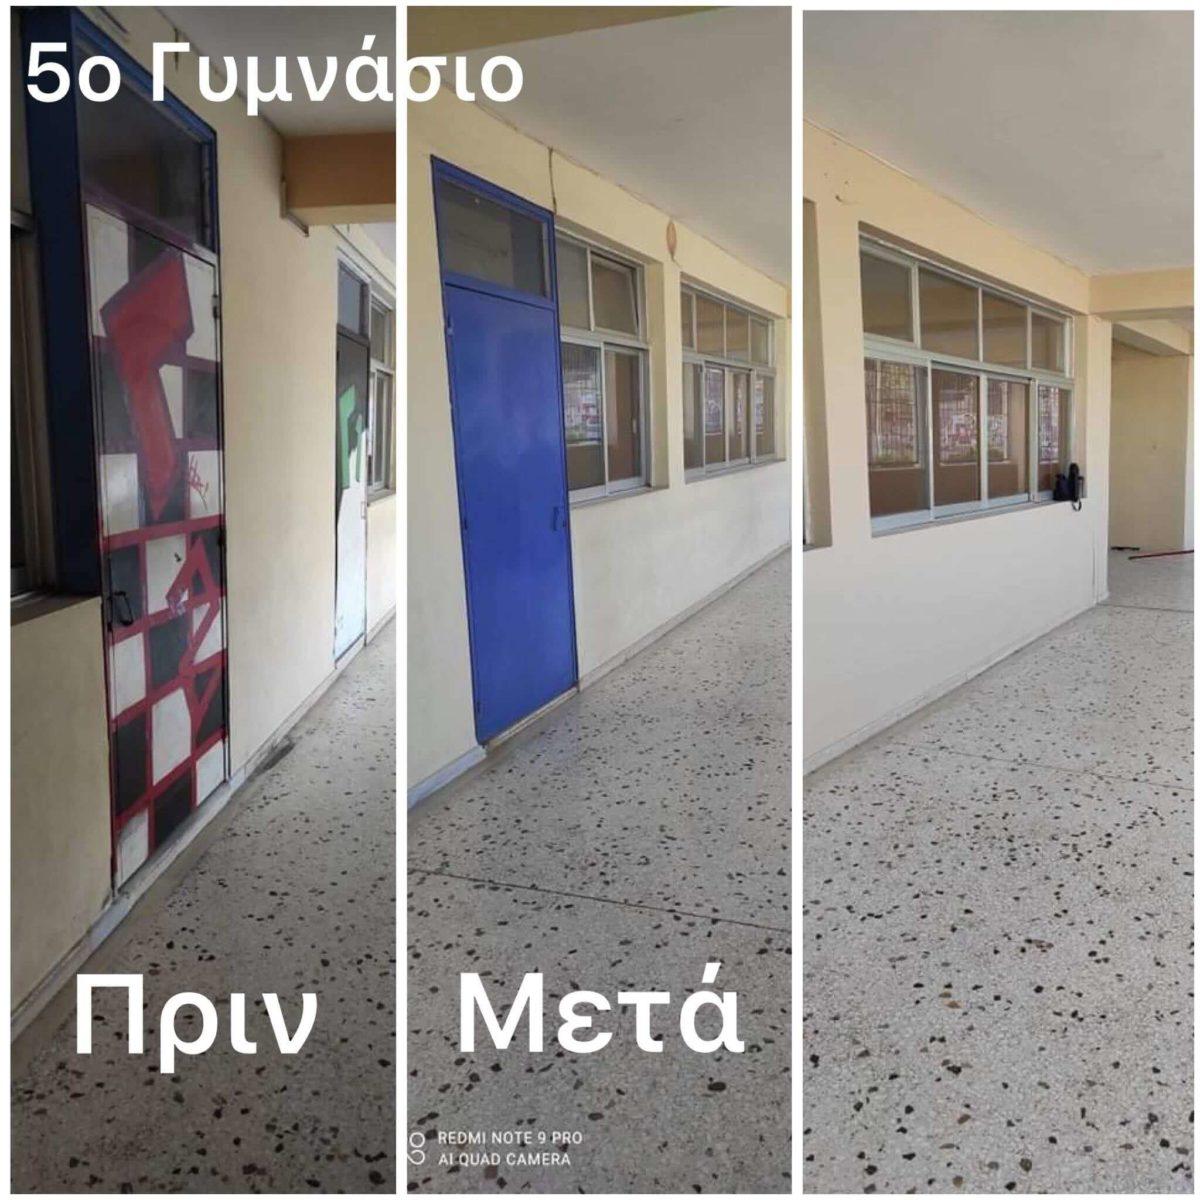 Γιώργος Μαρκόπουλος: Προχωράμε με εντατικούς ρυθμούς στη συντήρηση των σχολικών κτηρίων της πόλης μας